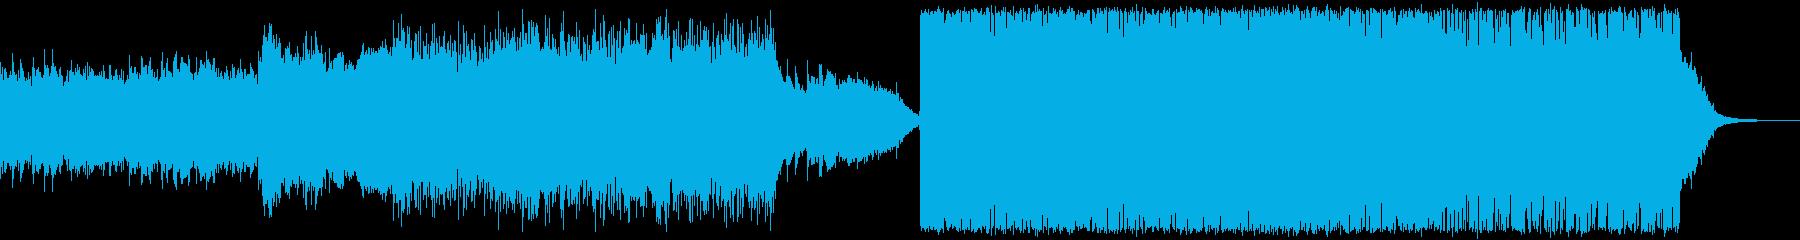 バイオリン、ドラムンベース、テクスチャーの再生済みの波形